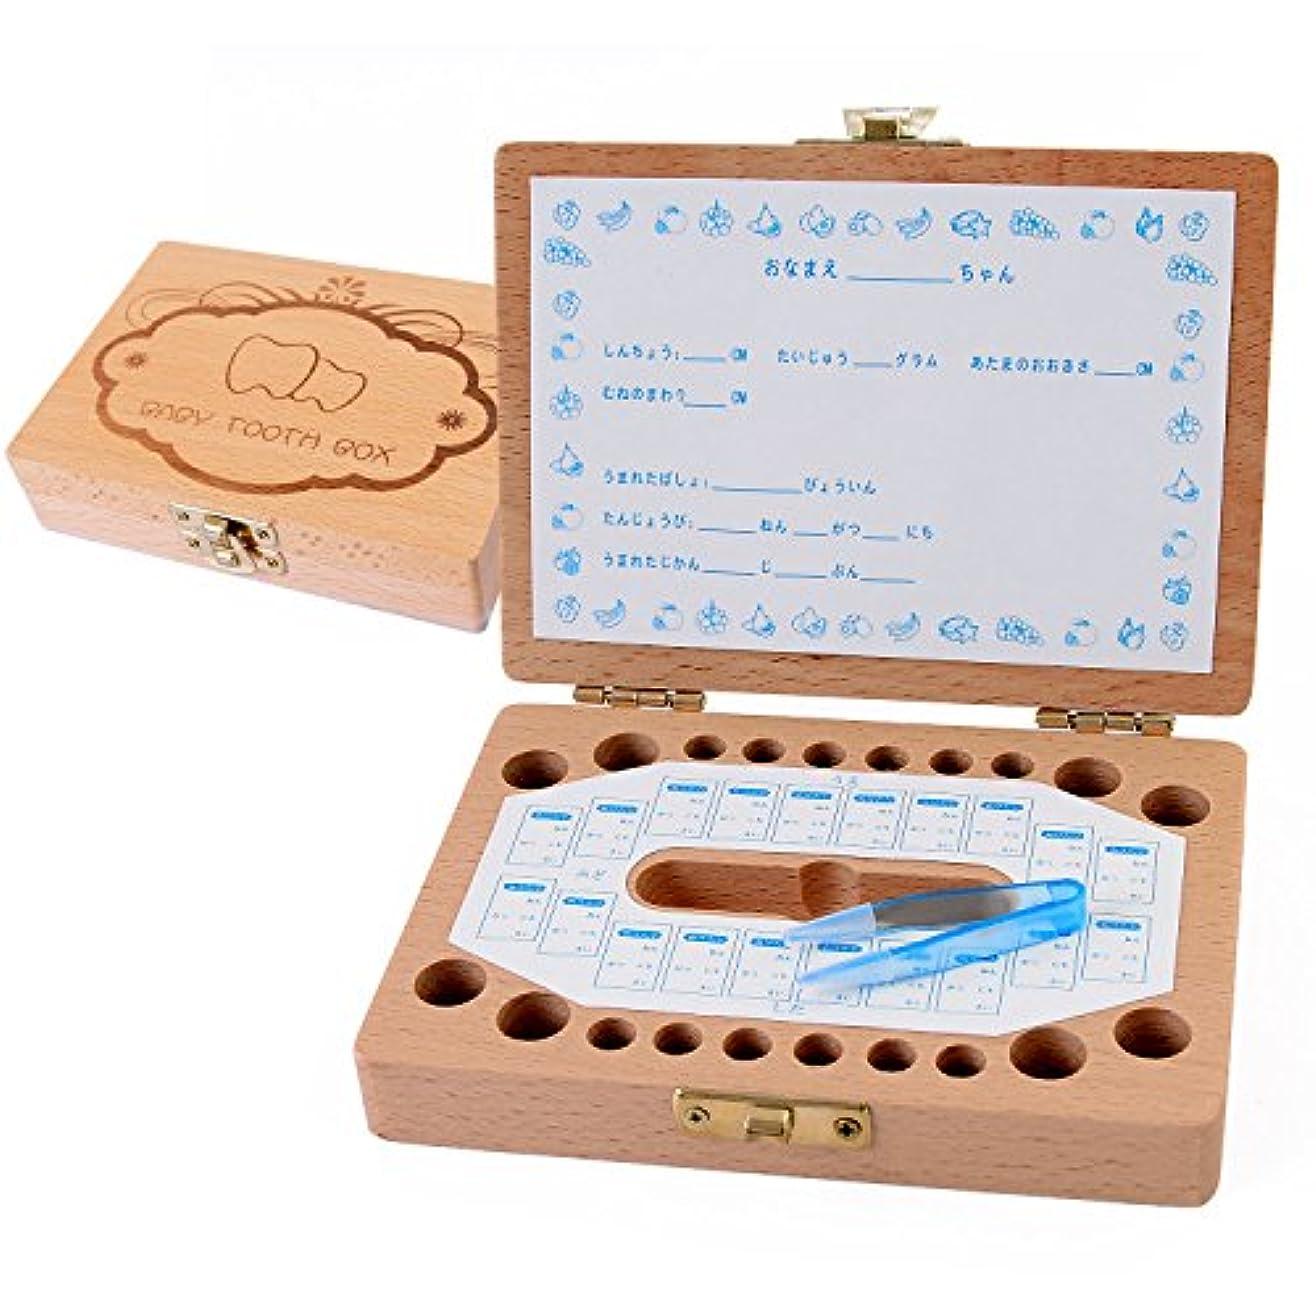 文明思いつく岸【SIMPS】 乳歯ケース 木製 プレミアムボックス 赤ちゃん用 記念 トゥースボックス 乳歯ボックス 名前と抜けた日シール付き